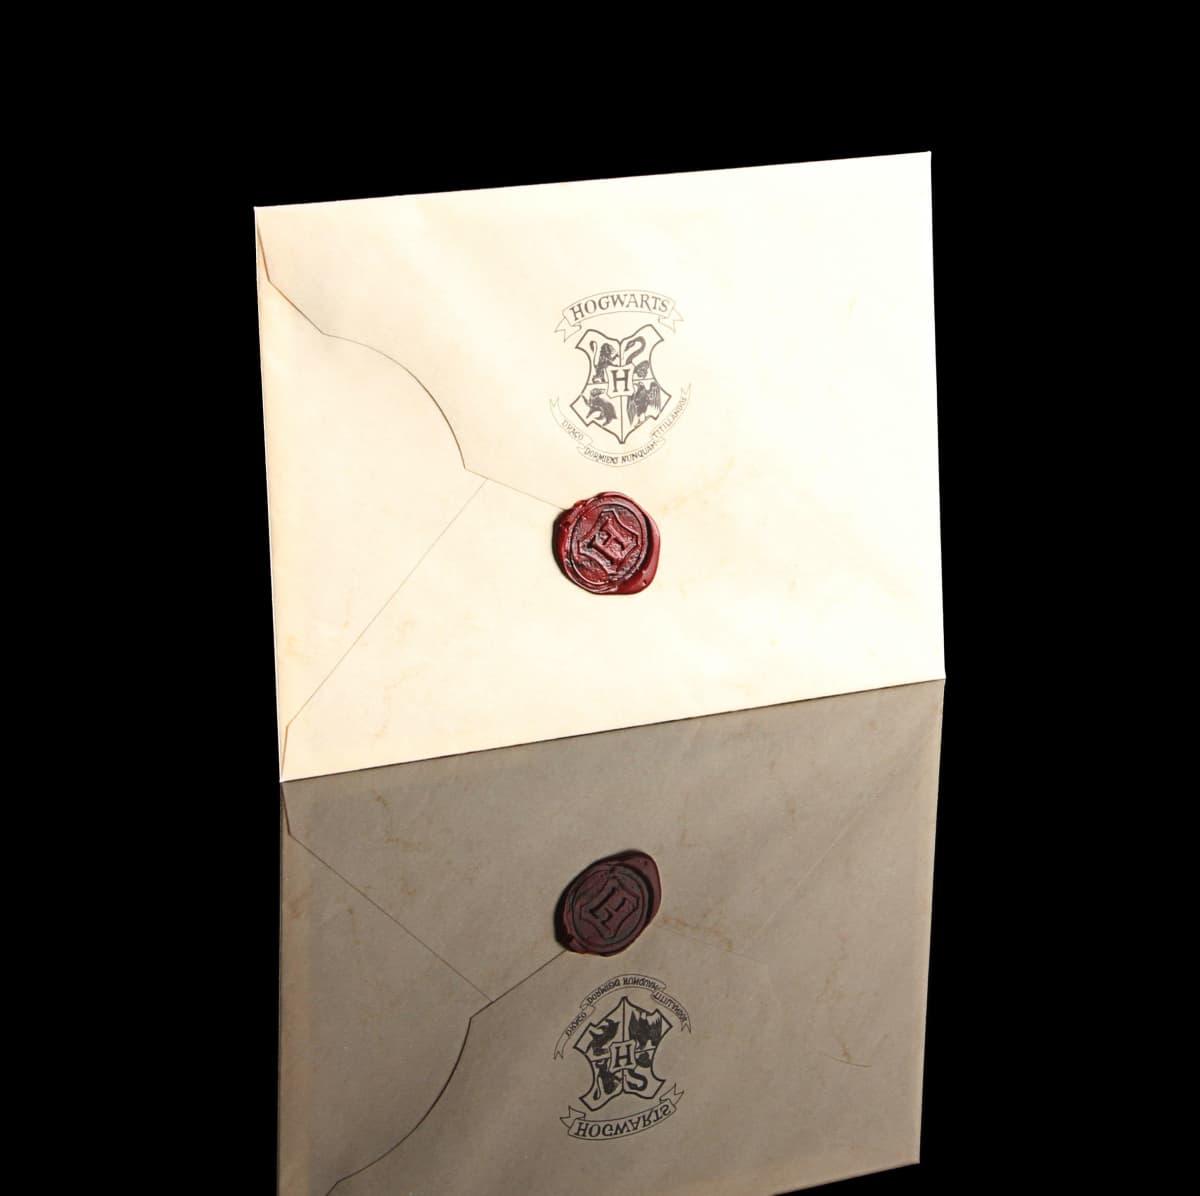 Hyväksymiskirje Hogwartiin Harry Potter -elokuvasta.